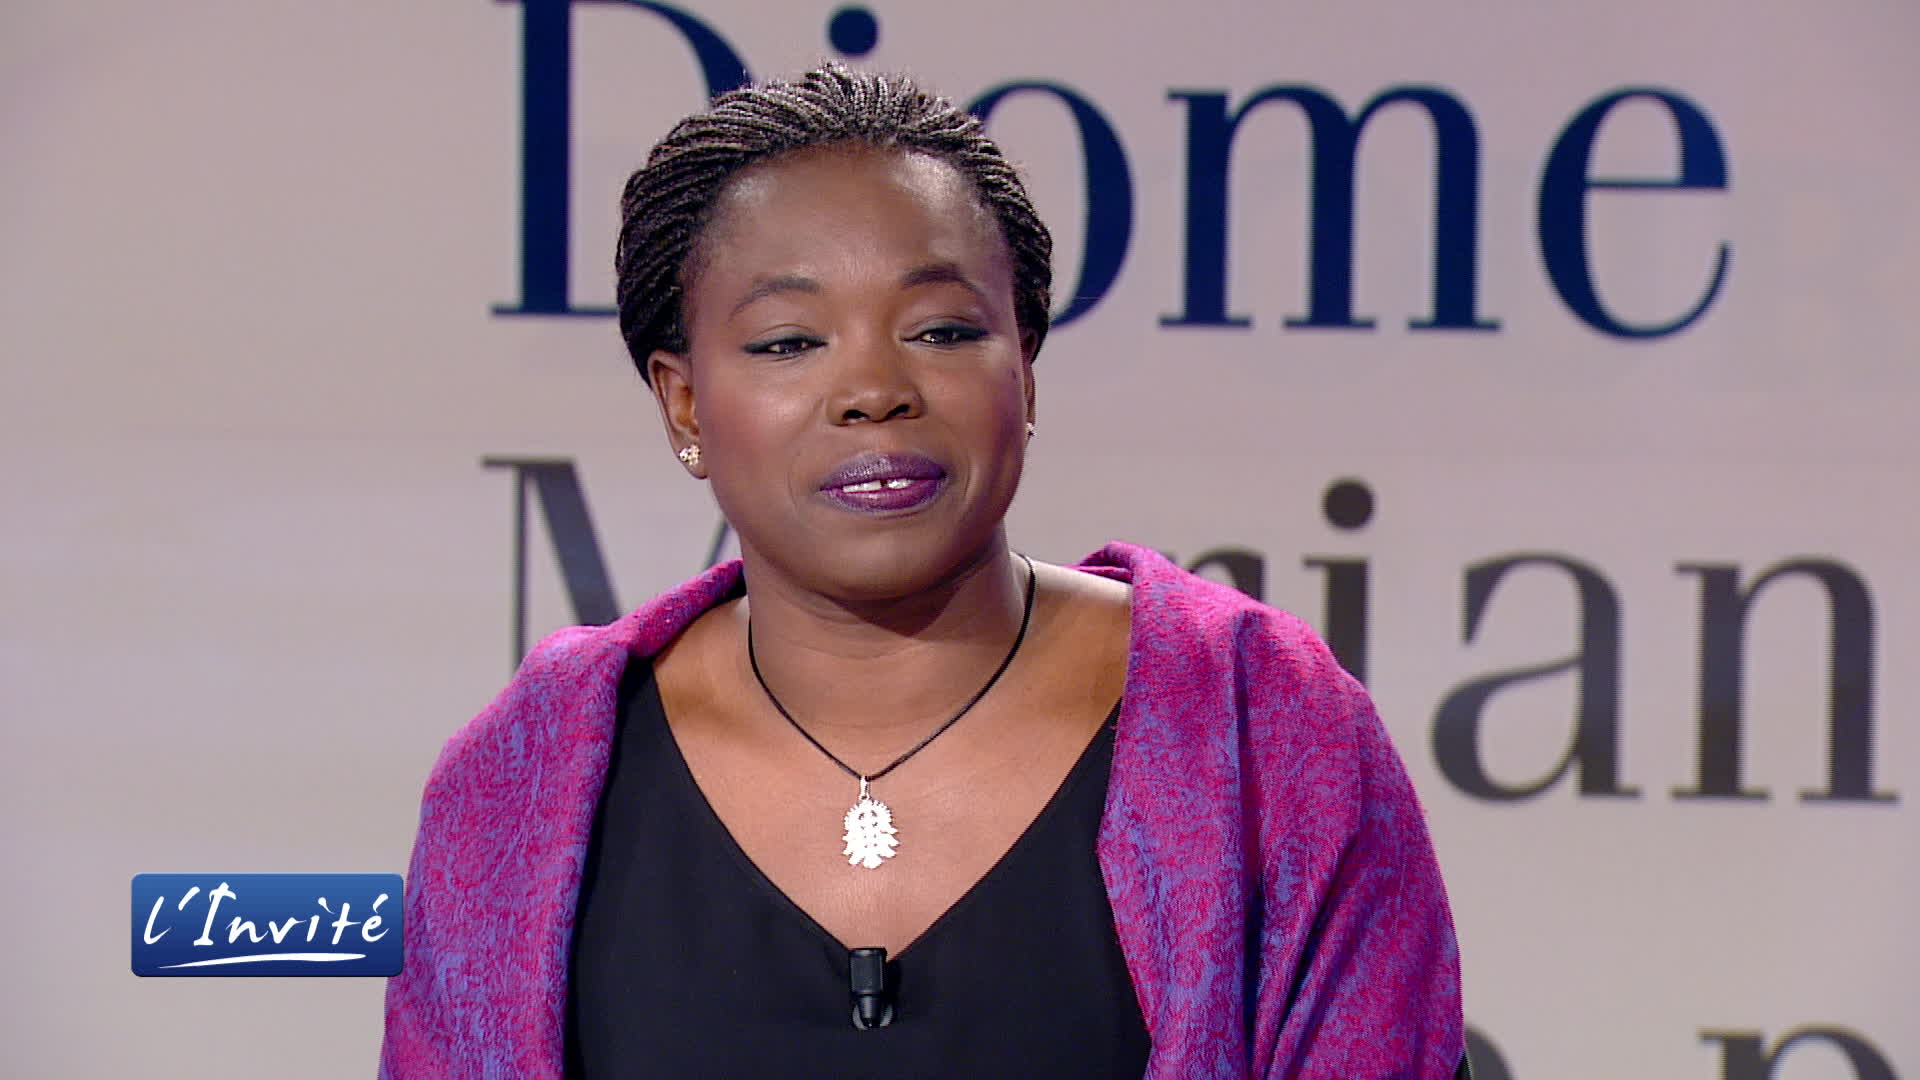 L'INVITE TV5MONDE-27/03/17